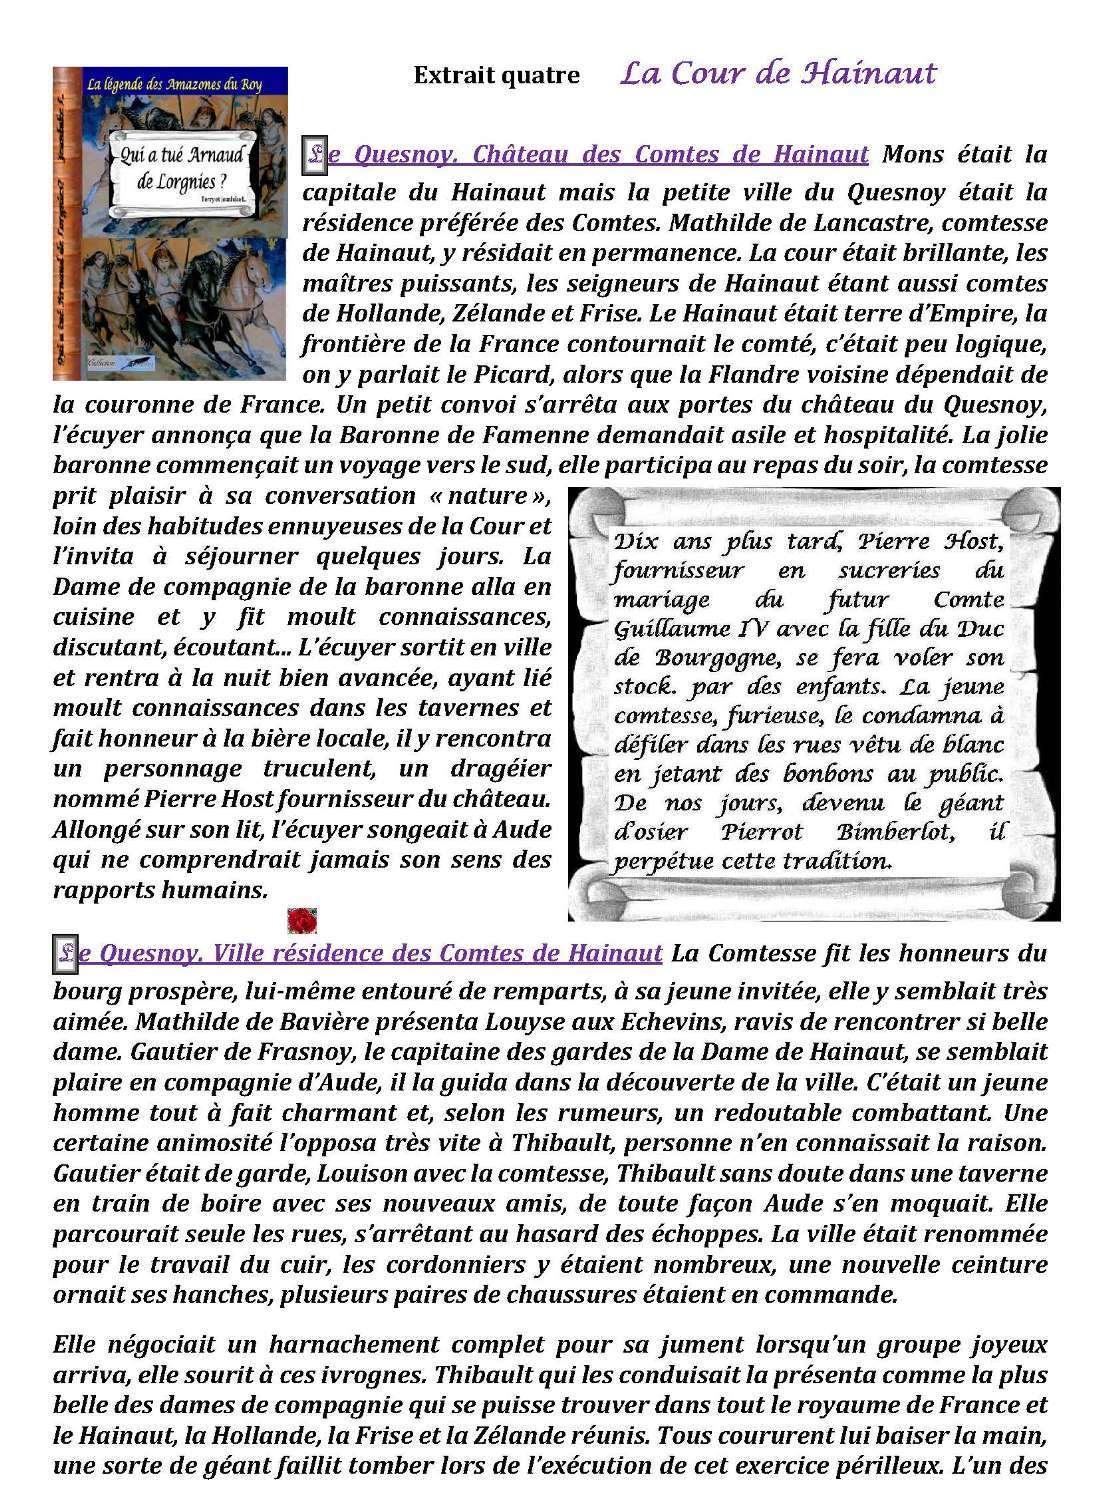 Extr 4-la cour de hainaut_Page_1